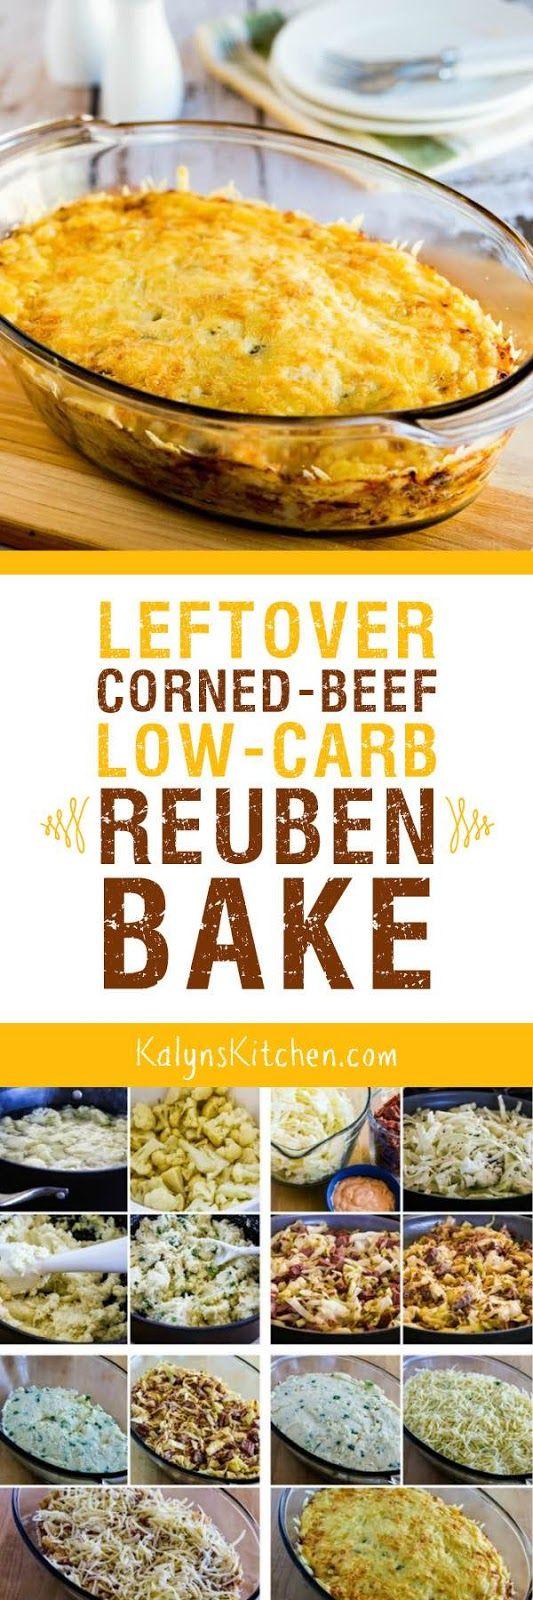 Leftover Corned Beef Low-Carb Reuben Bake found on KalynsKitchen.com